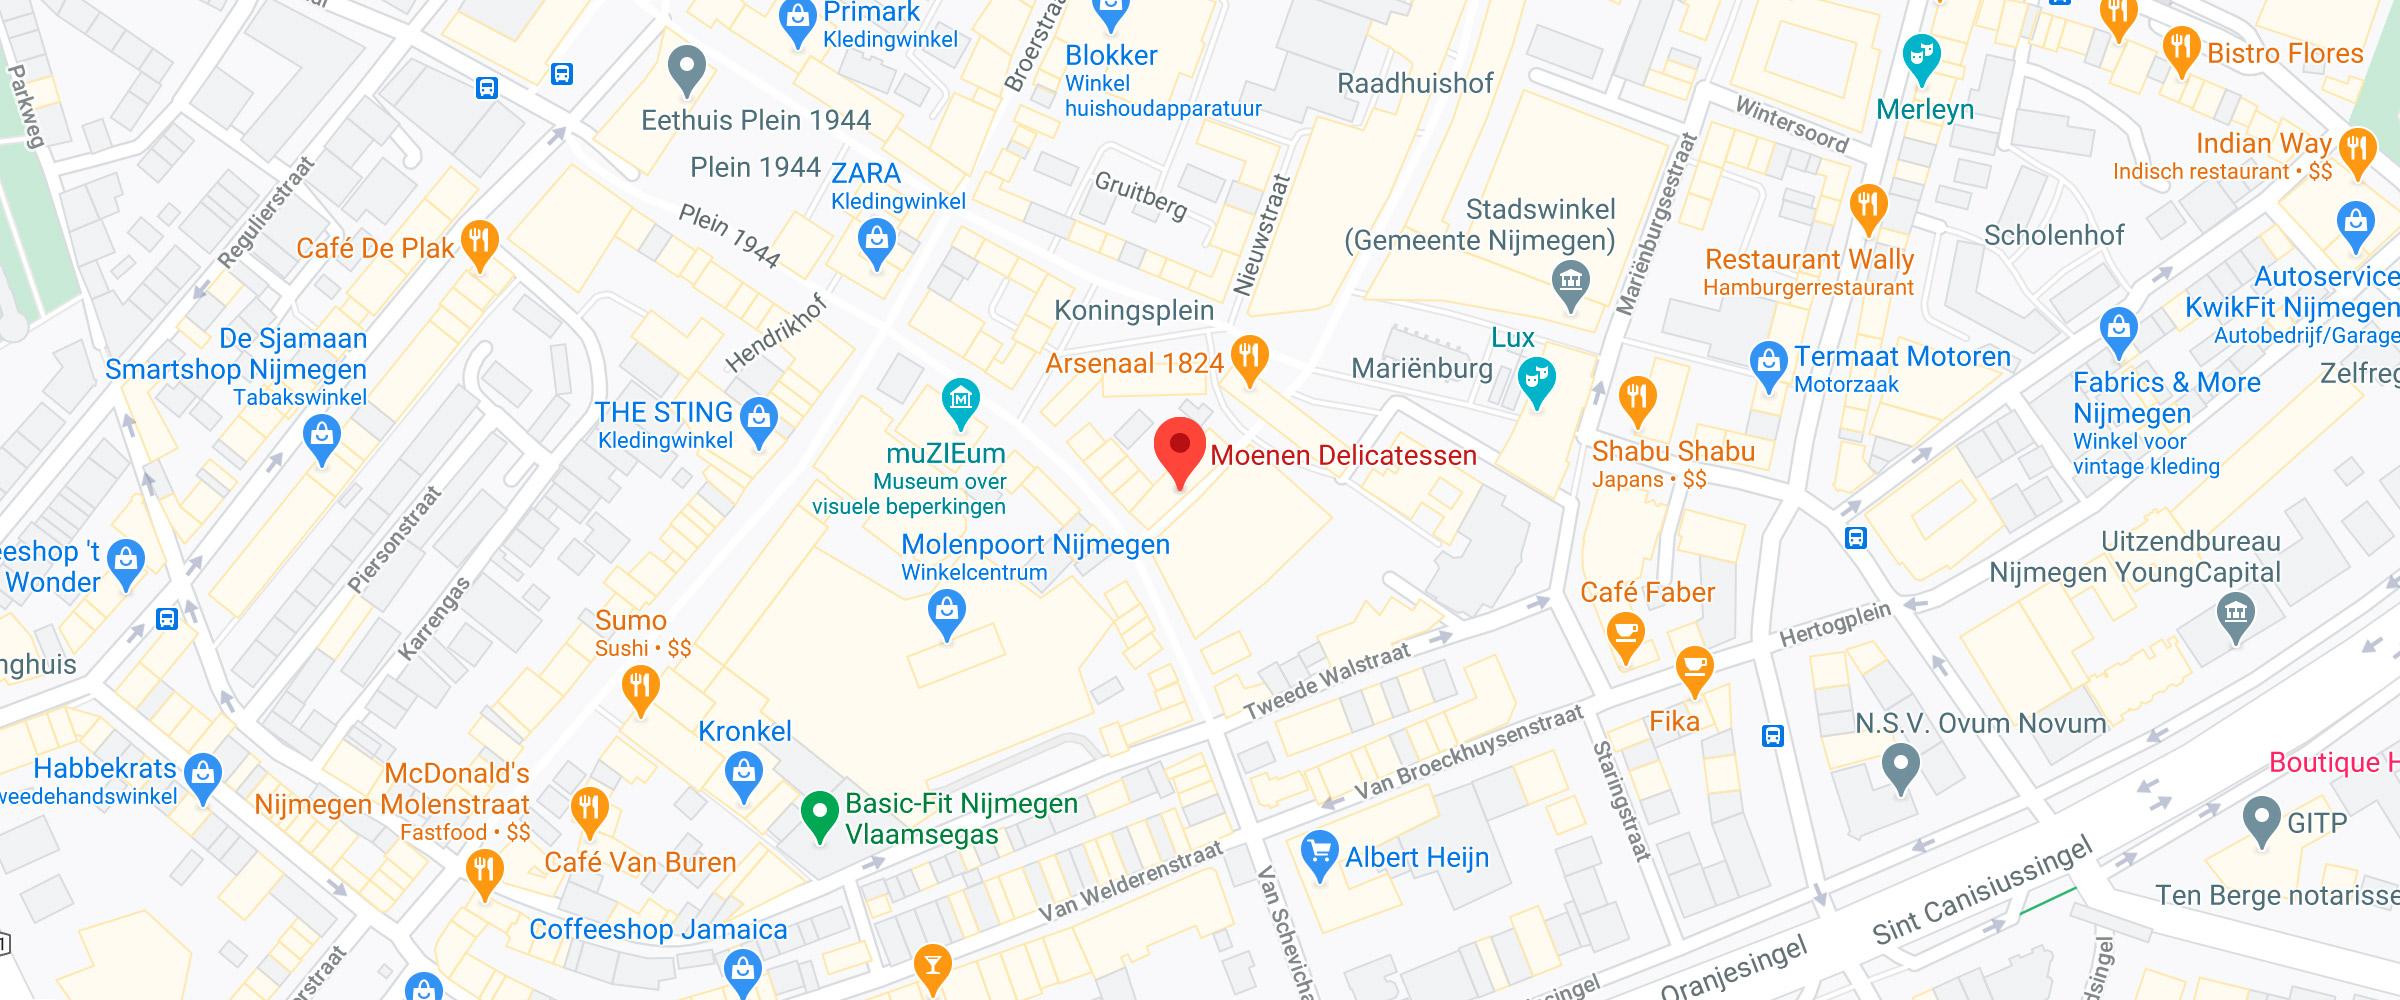 Moenen Delicatessen Google Maps